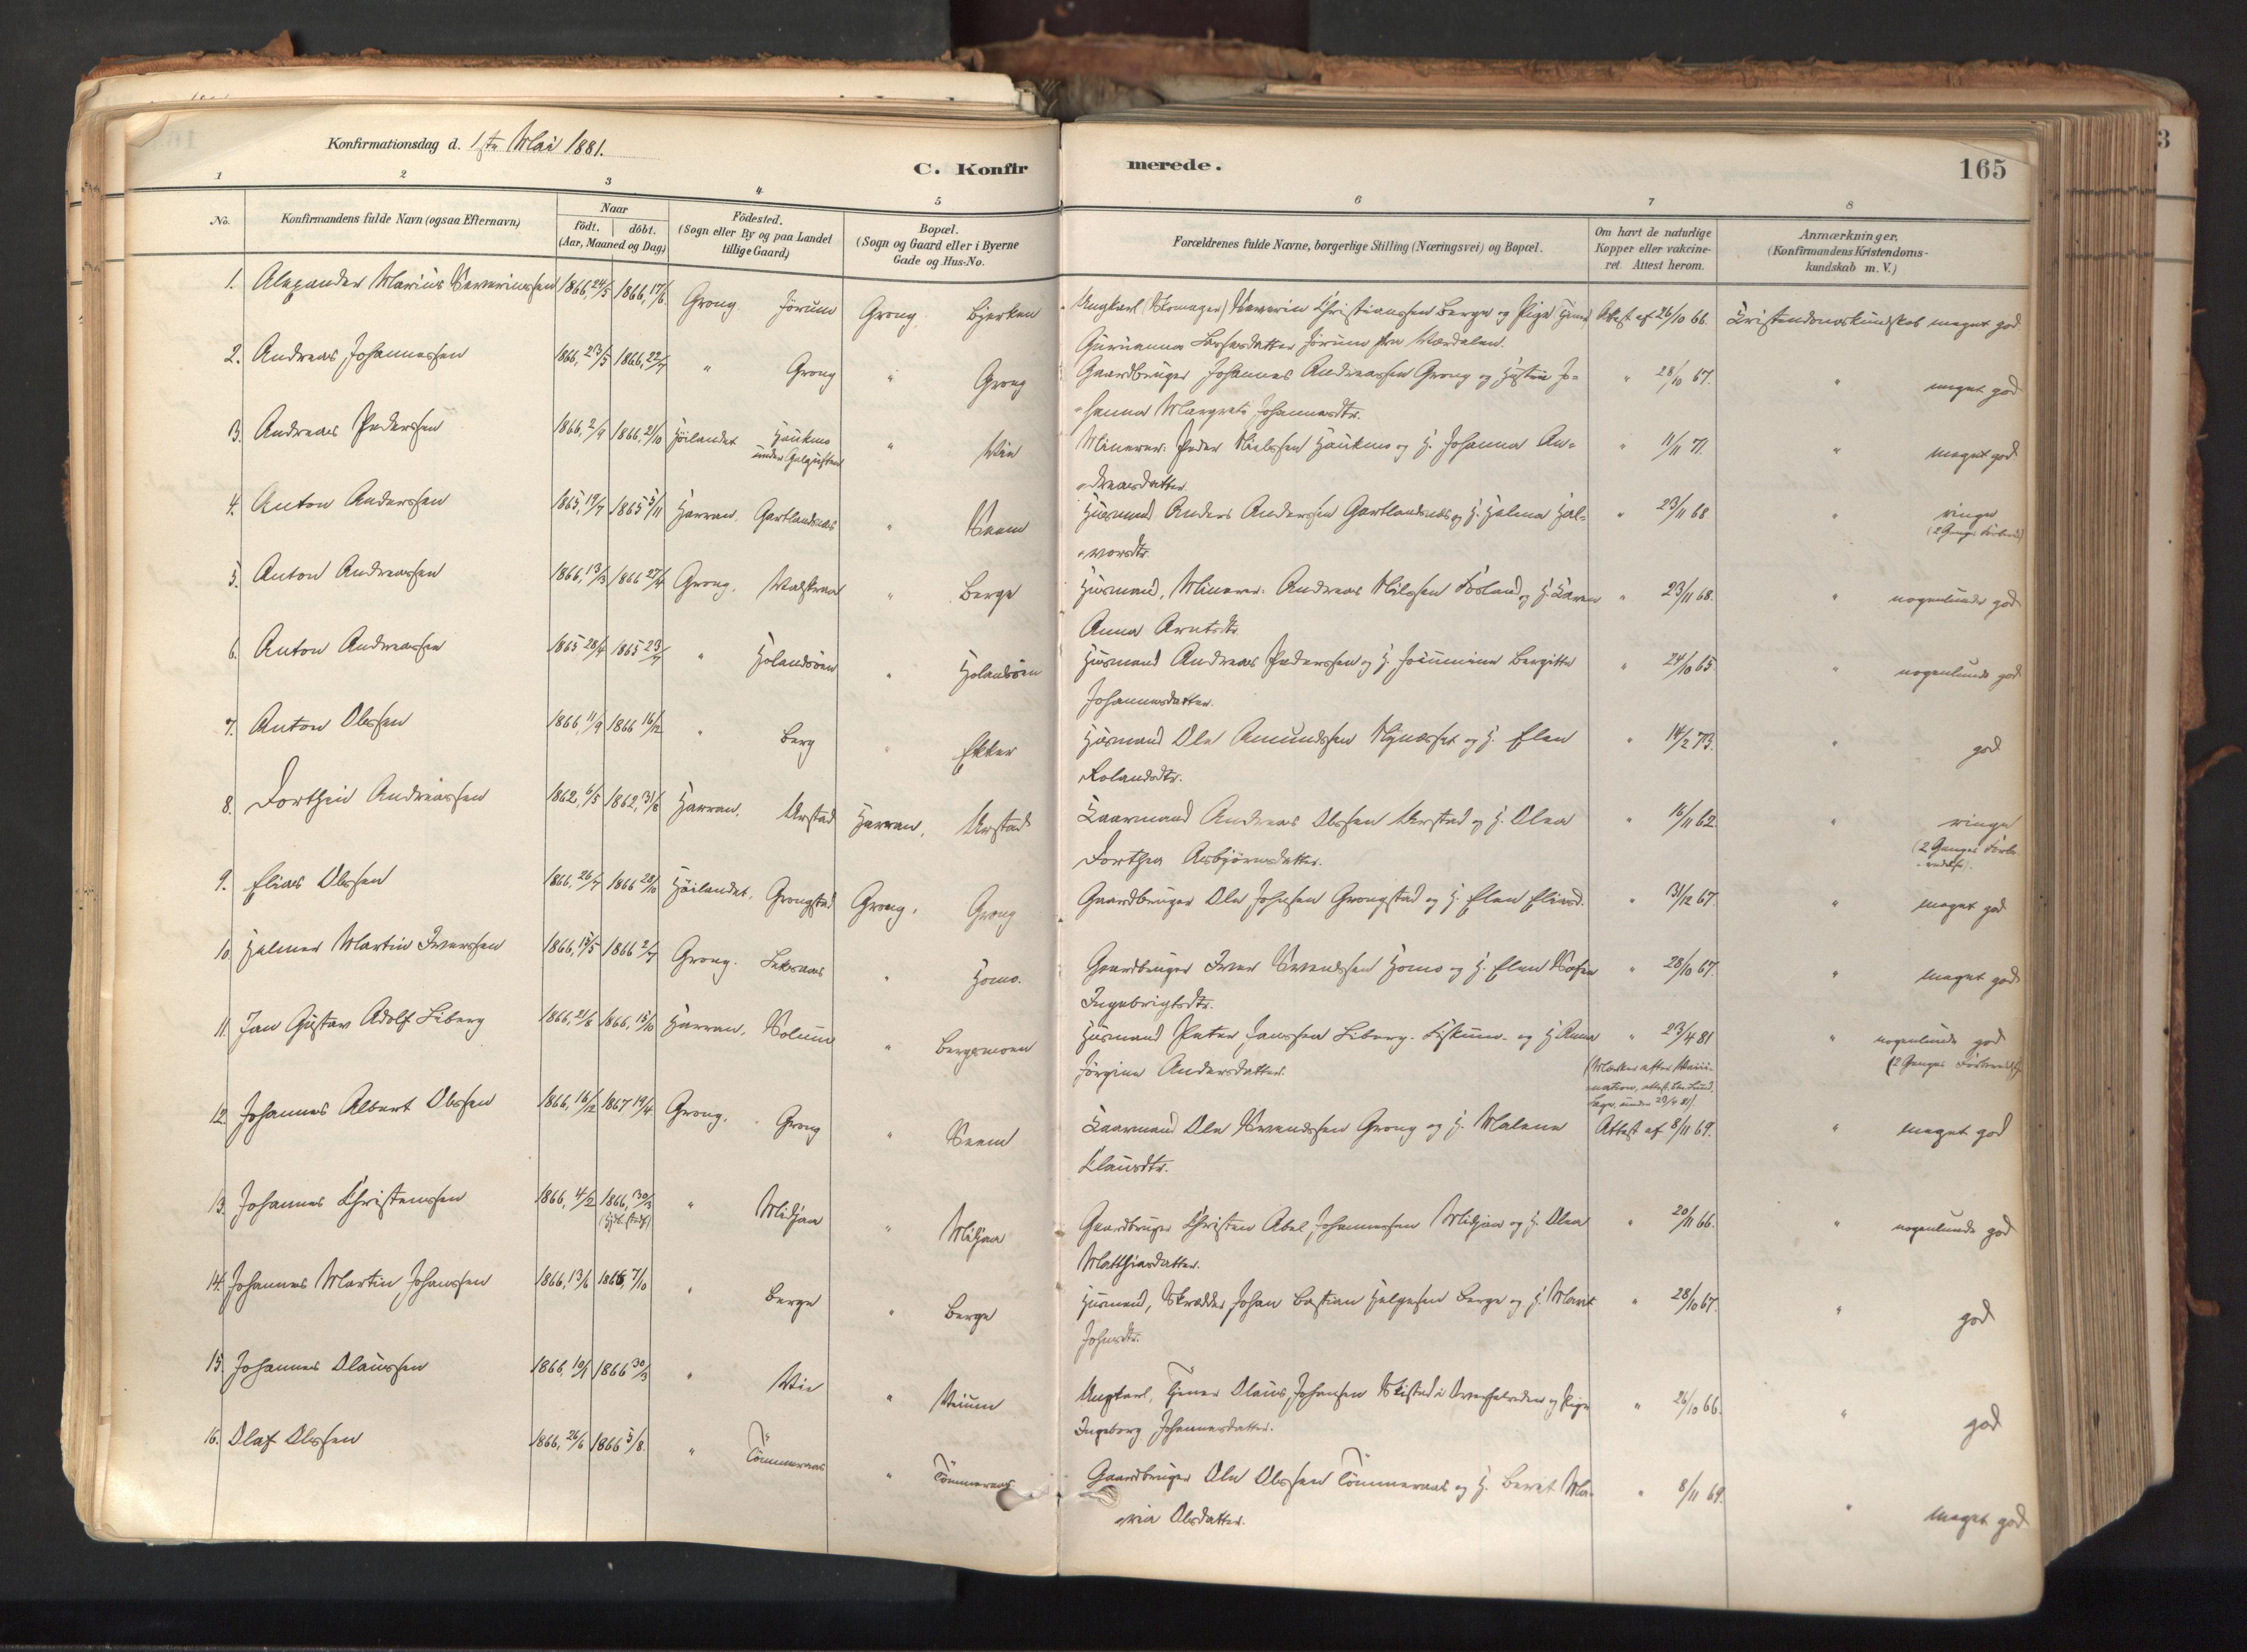 SAT, Ministerialprotokoller, klokkerbøker og fødselsregistre - Nord-Trøndelag, 758/L0519: Ministerialbok nr. 758A04, 1880-1926, s. 165